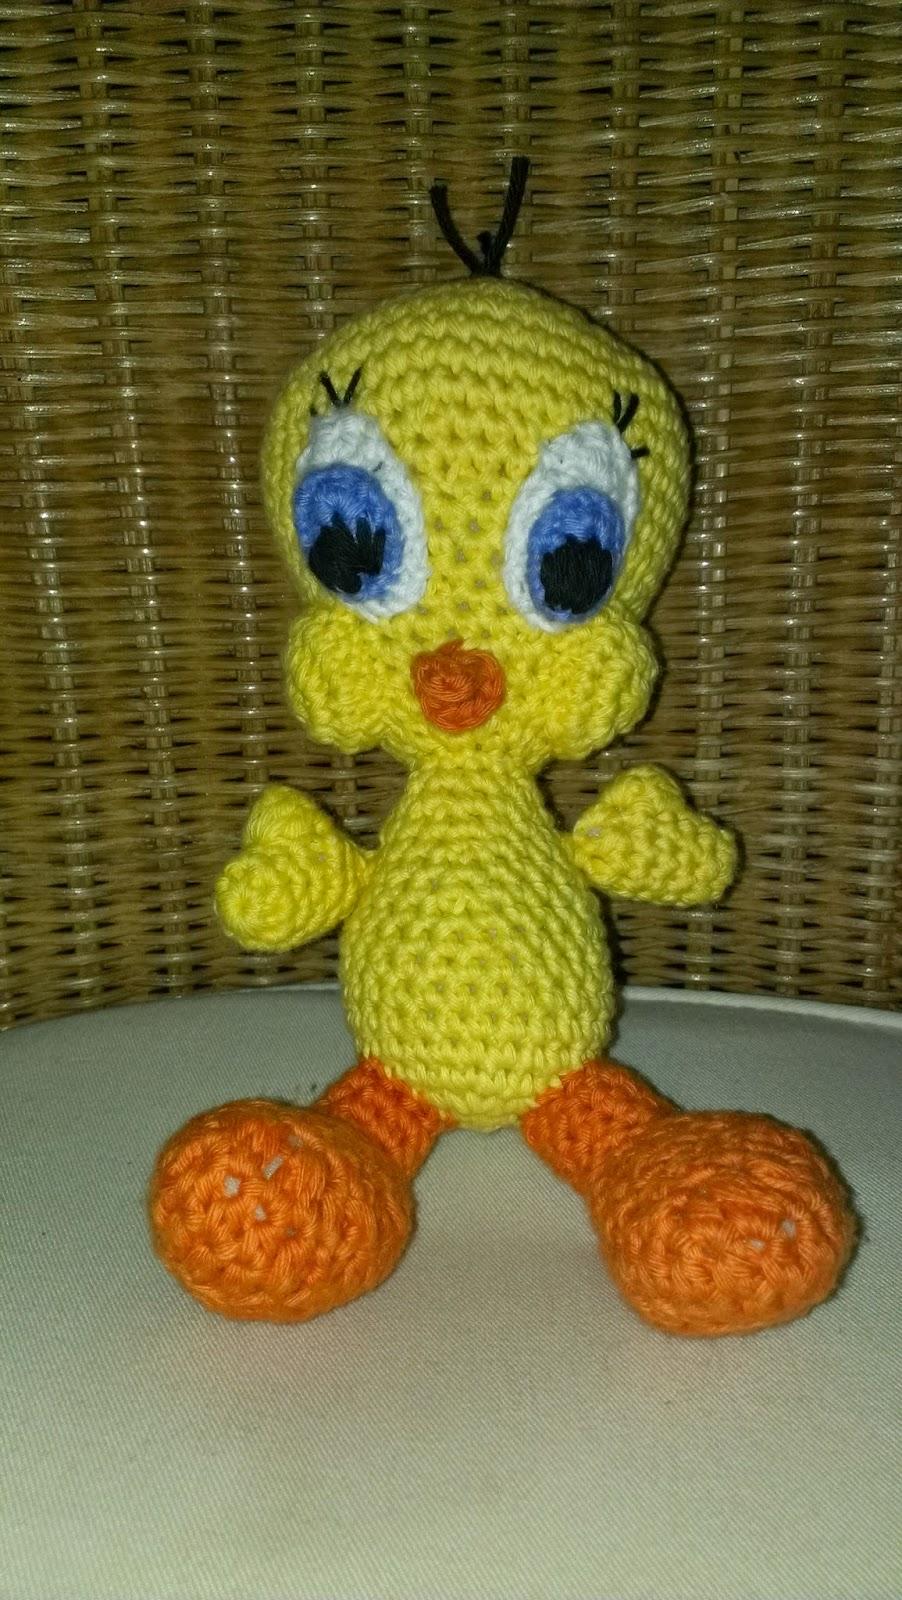 Amigurumi Tweety Yapilisi : Wundervolle Amigurumi Welt: Looney Tunes Part I - Tweety